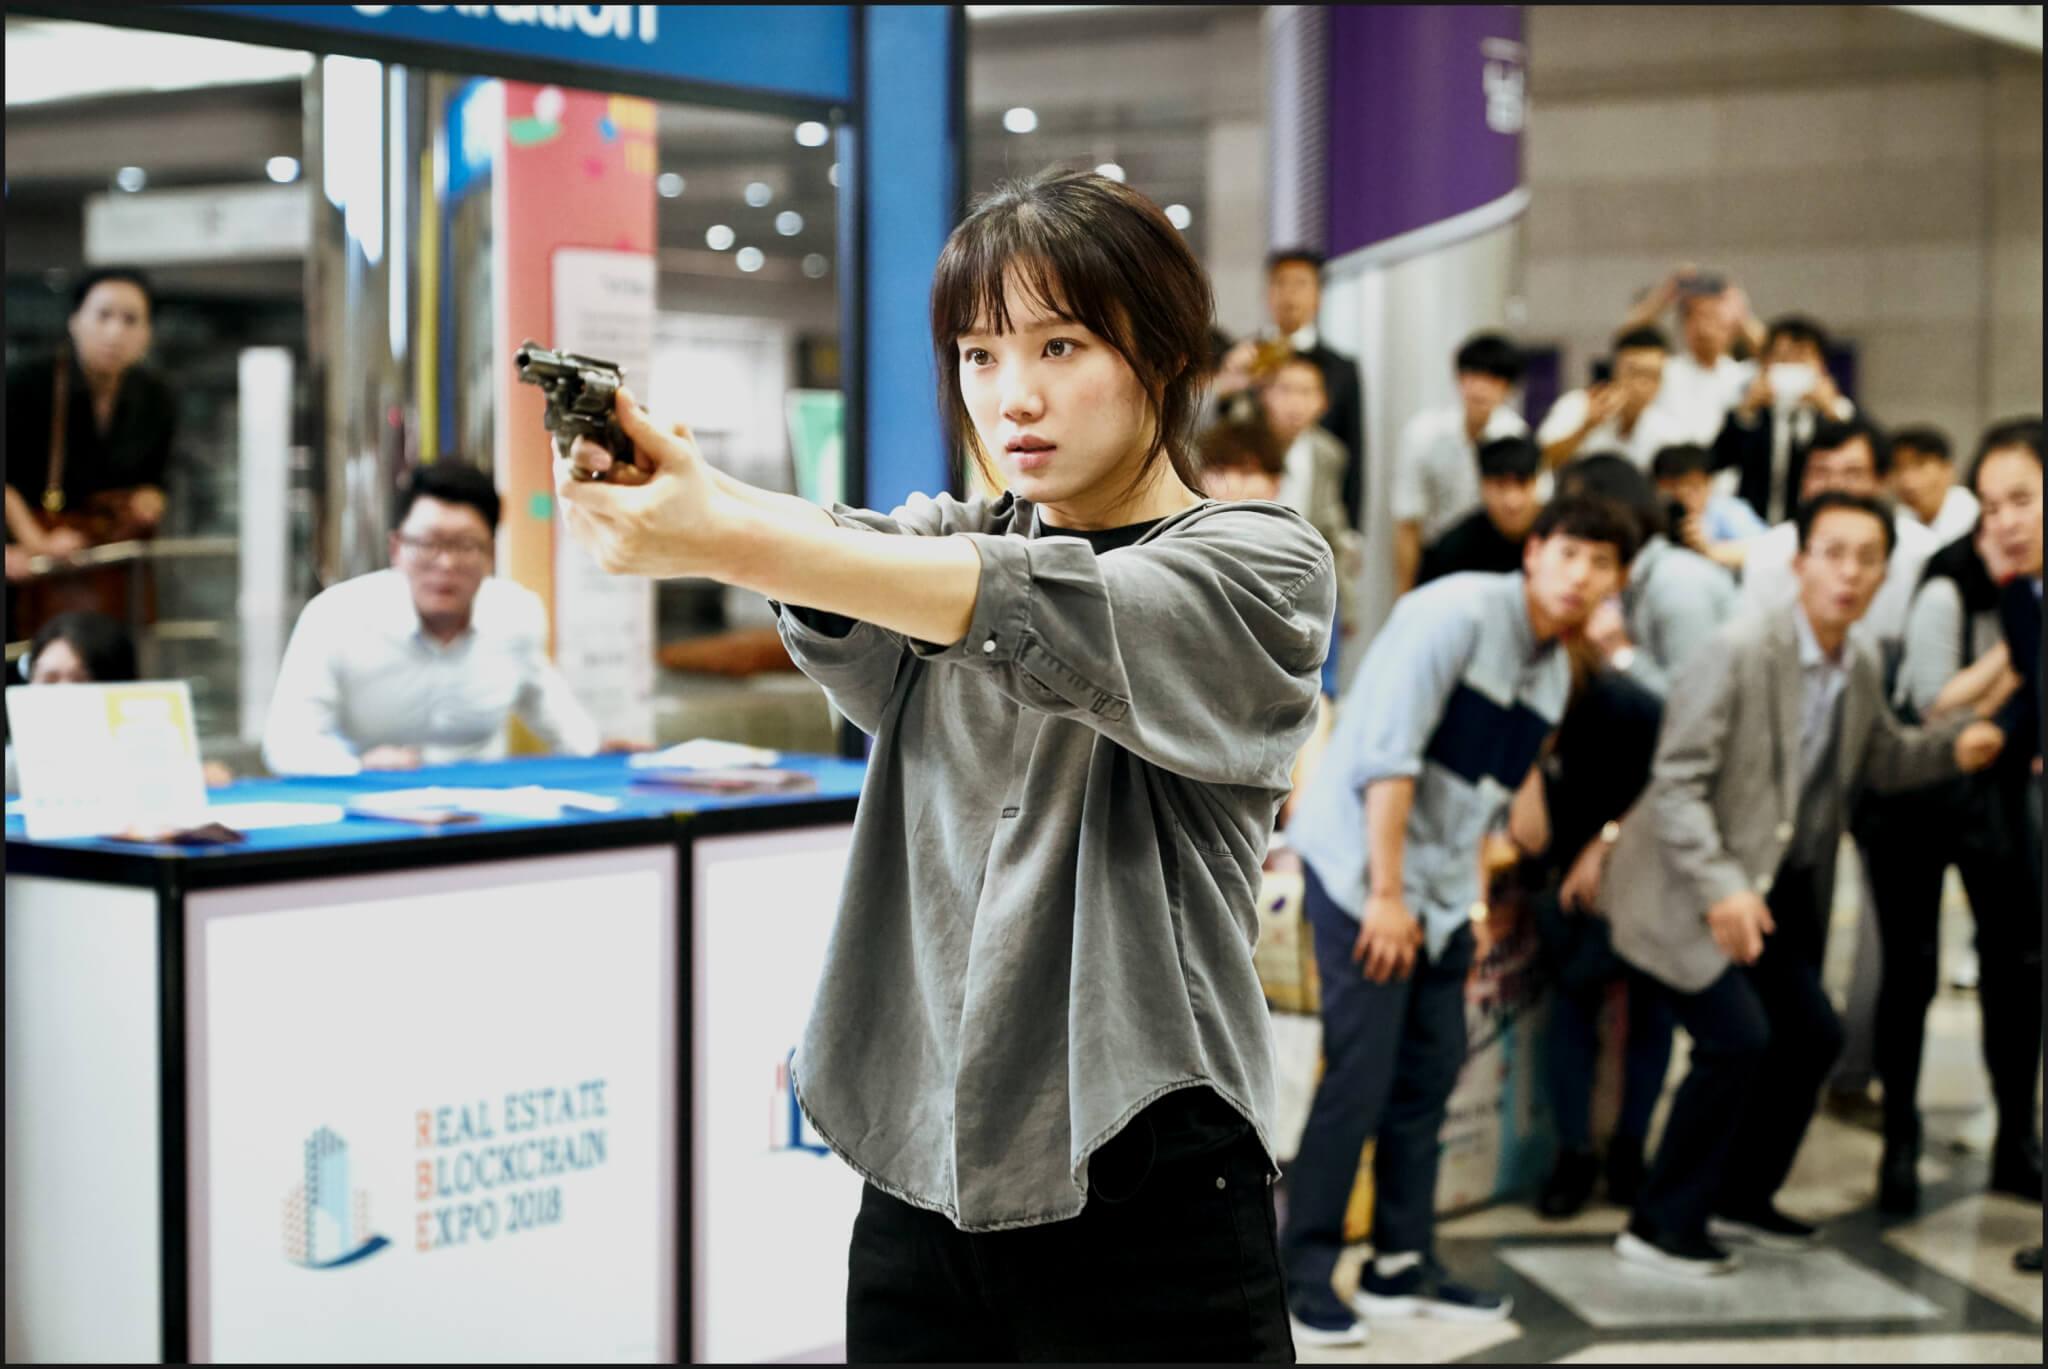 李聖經在戲中差點因查案反變受害者,她跟羅美蘭都表示通過電影更警惕性罪行。